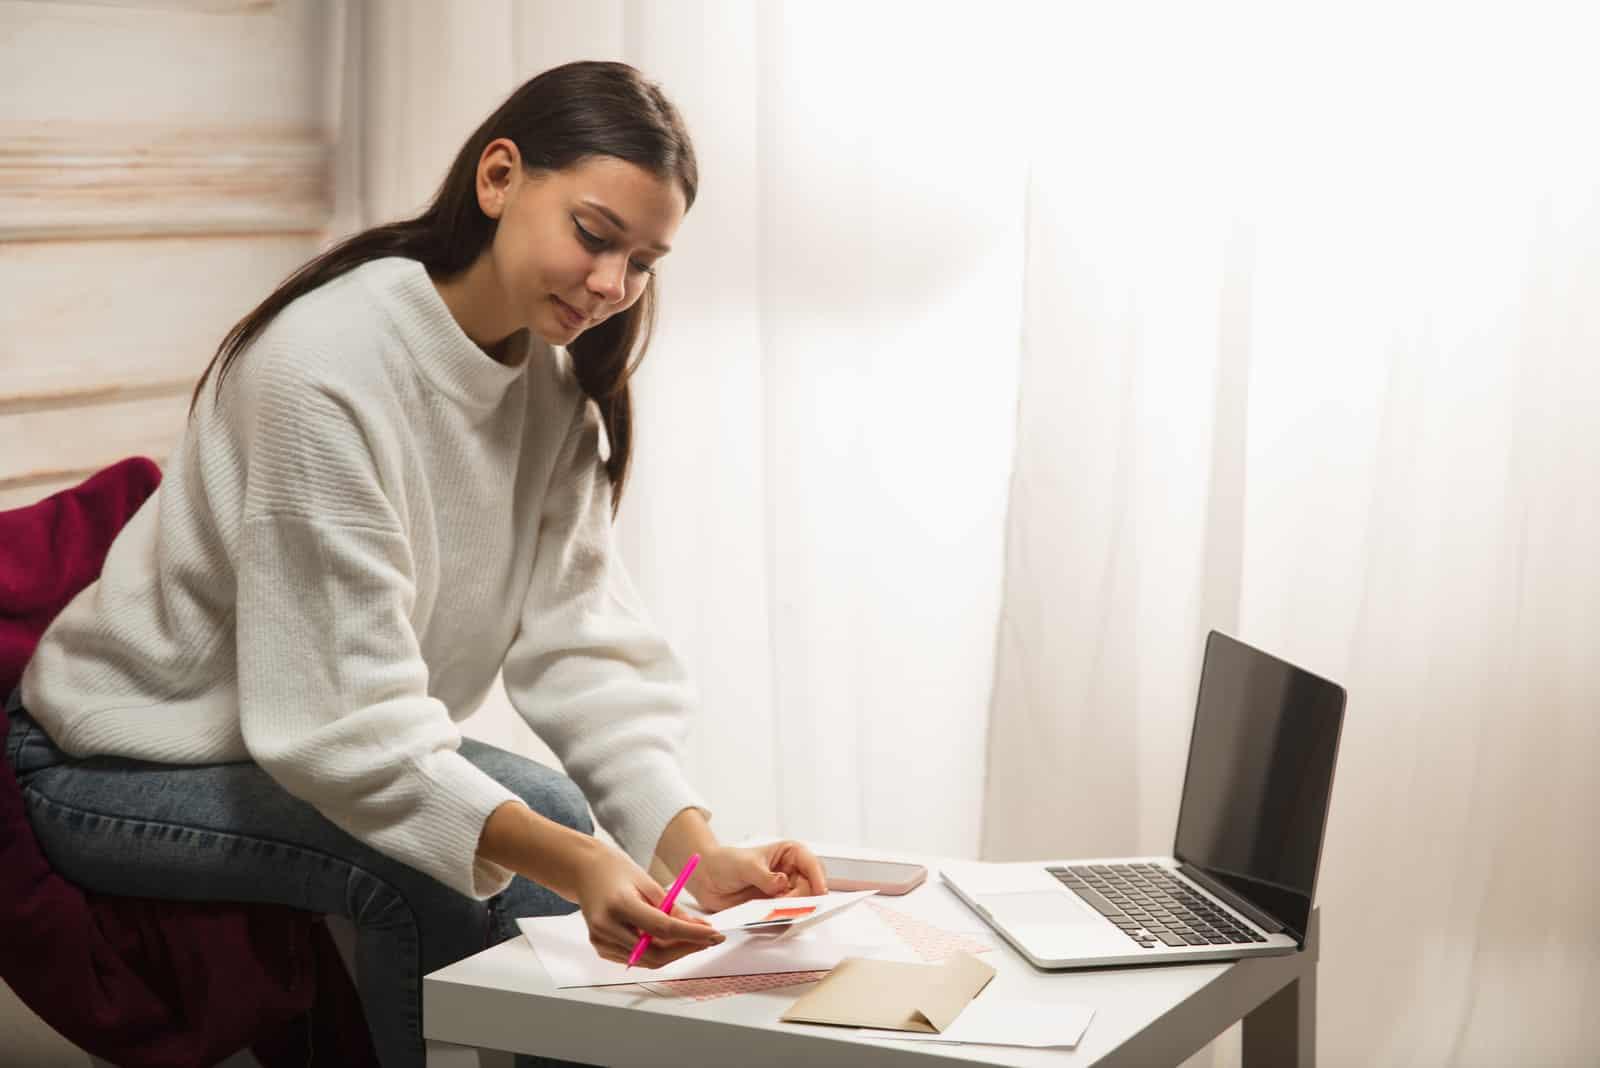 Eine schöne Frau mit langen schwarzen Haaren schreibt eine Grußkarte